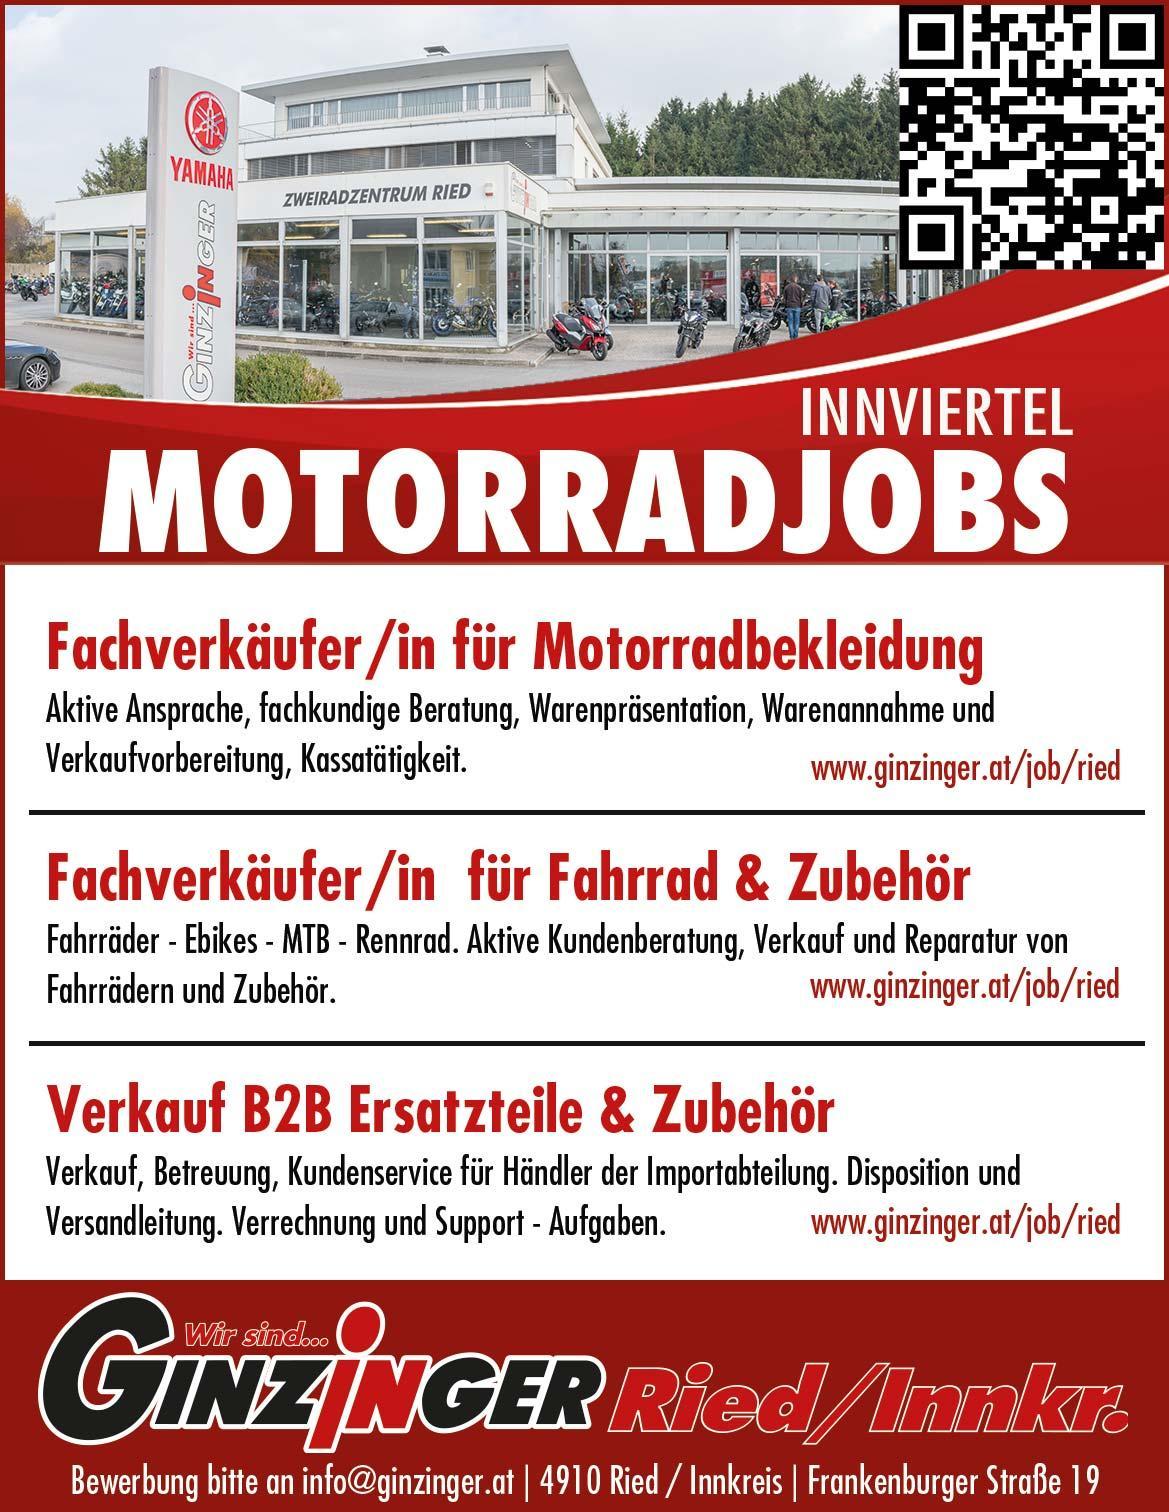 Zweirad Ginzinger sucht Mitarbeiter in Oberösterreich / Innviertel